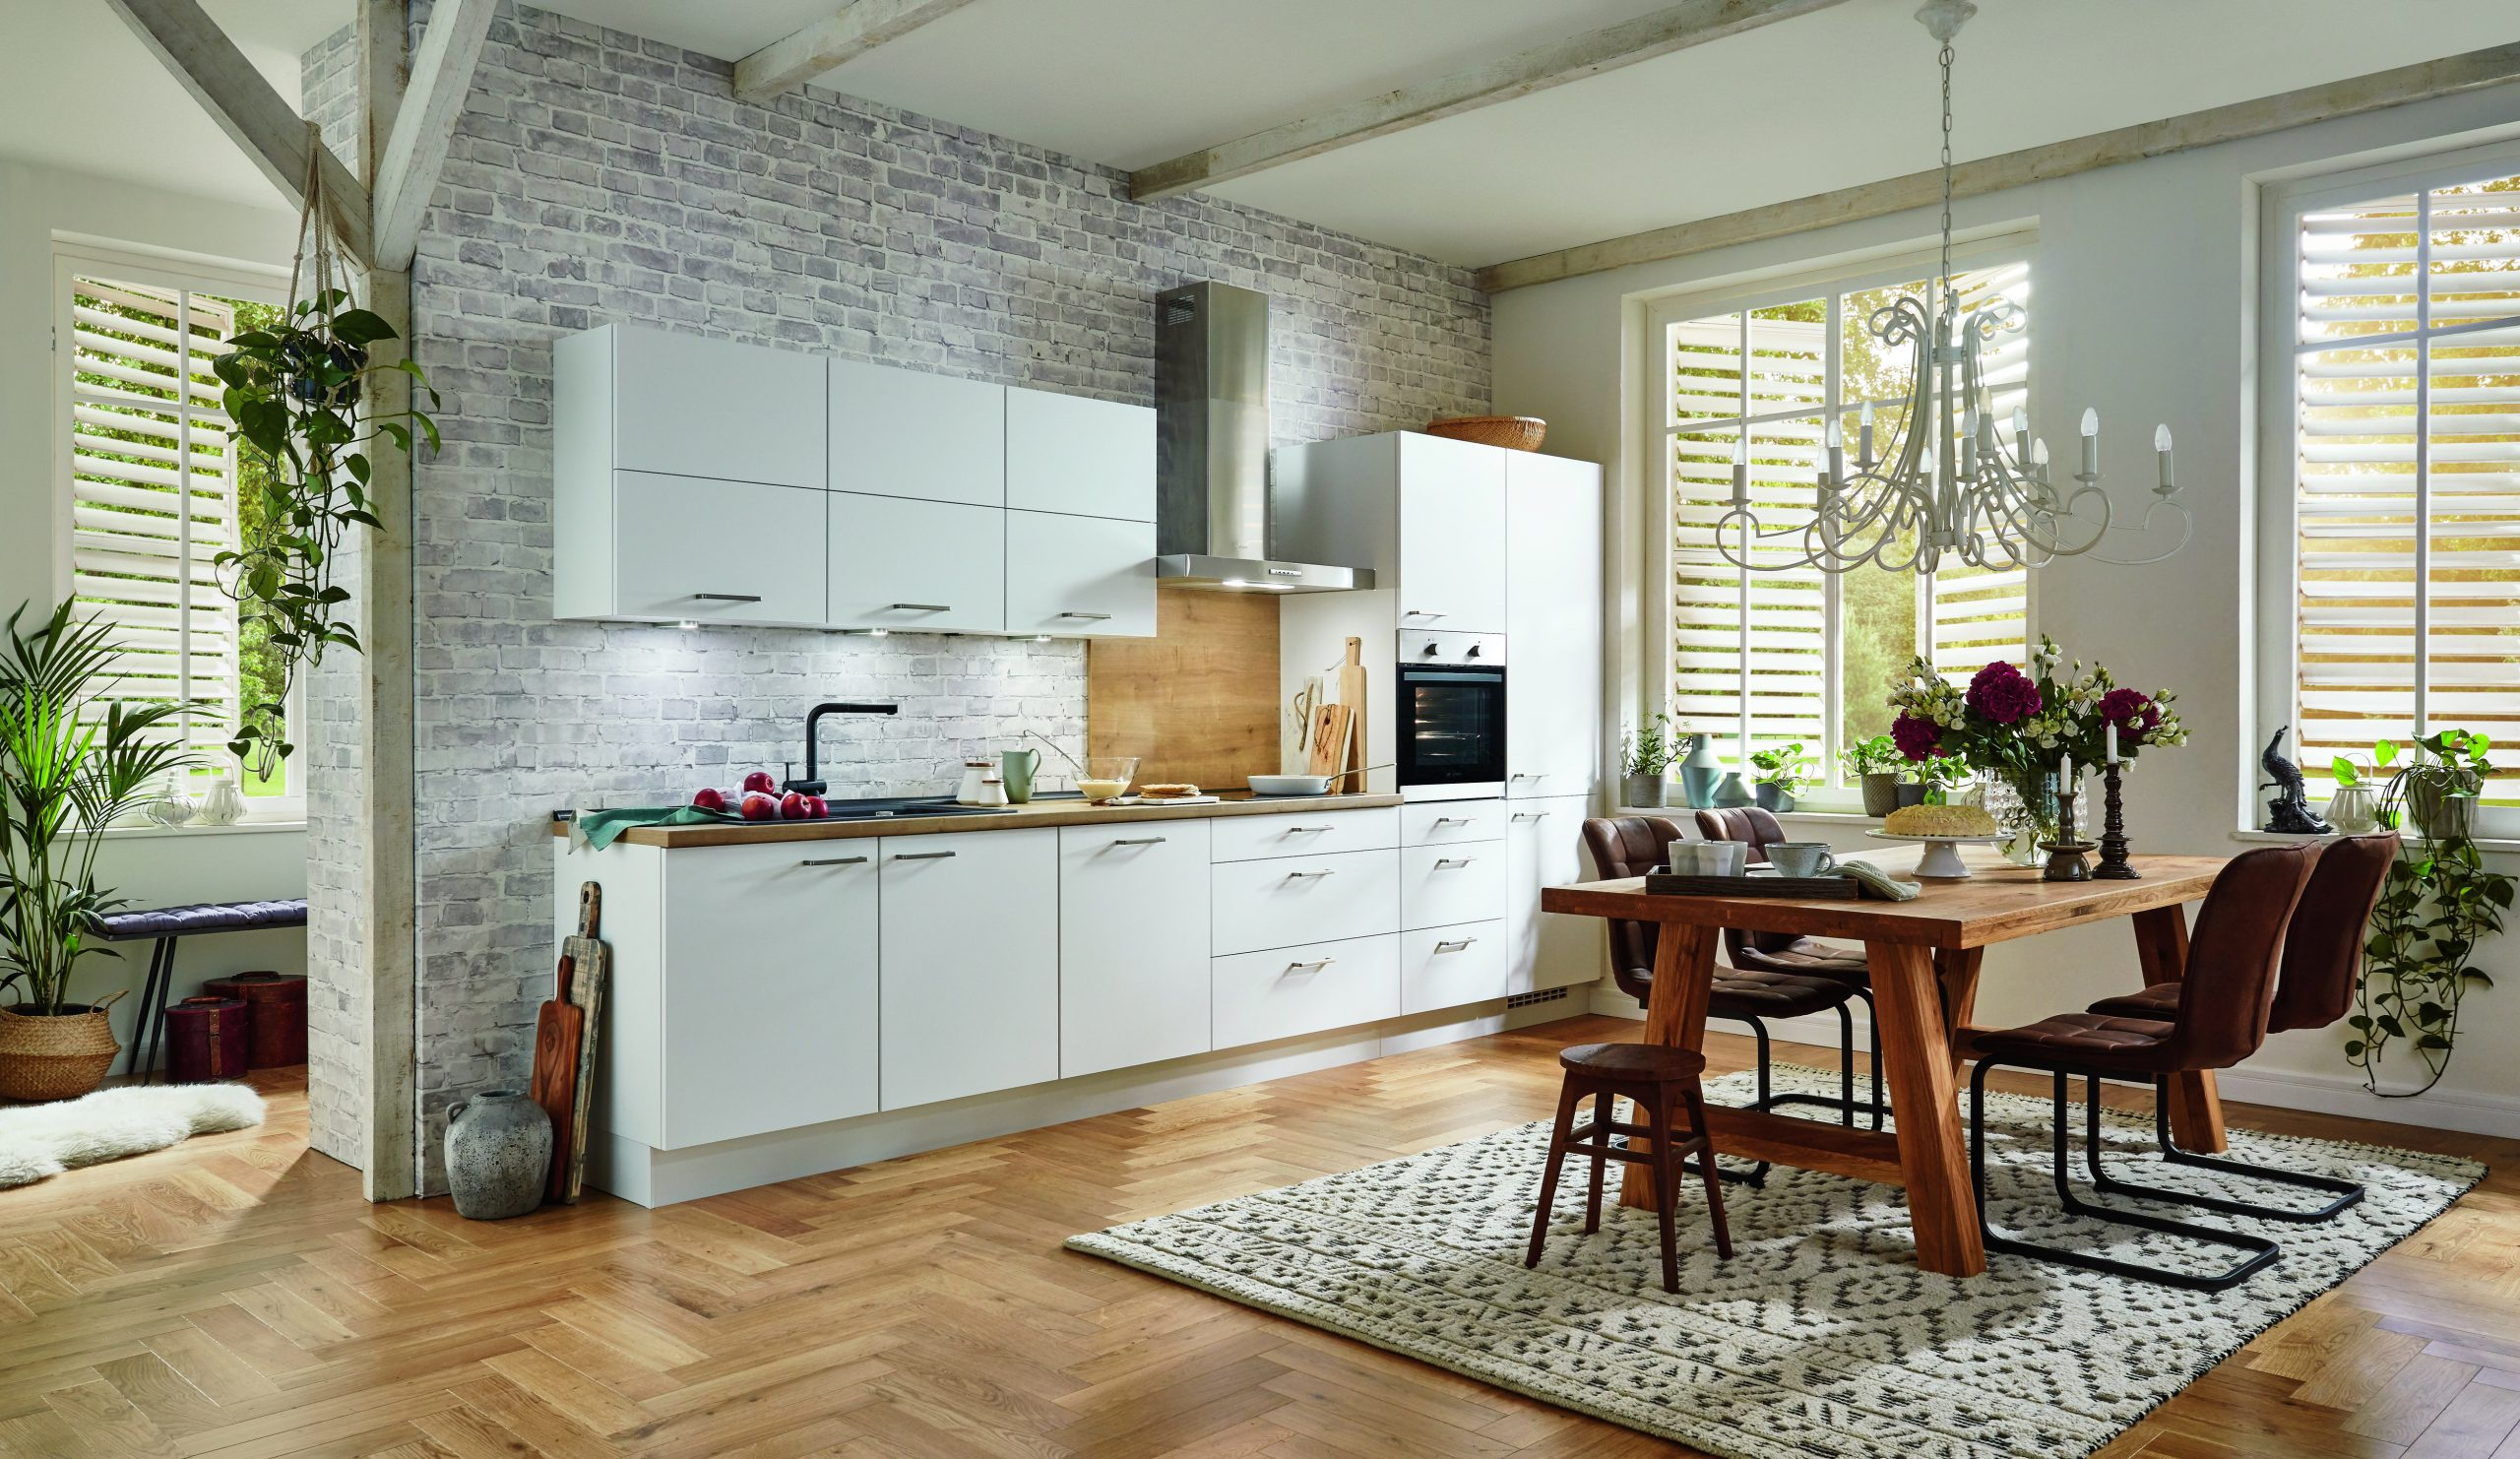 Full Size of Unterschrank Küche Zusammenstellen Küche Zusammenstellen Online Ikea Küche Zusammenstellen Ikea Küche Zusammenstellen Online Küche Küche Zusammenstellen